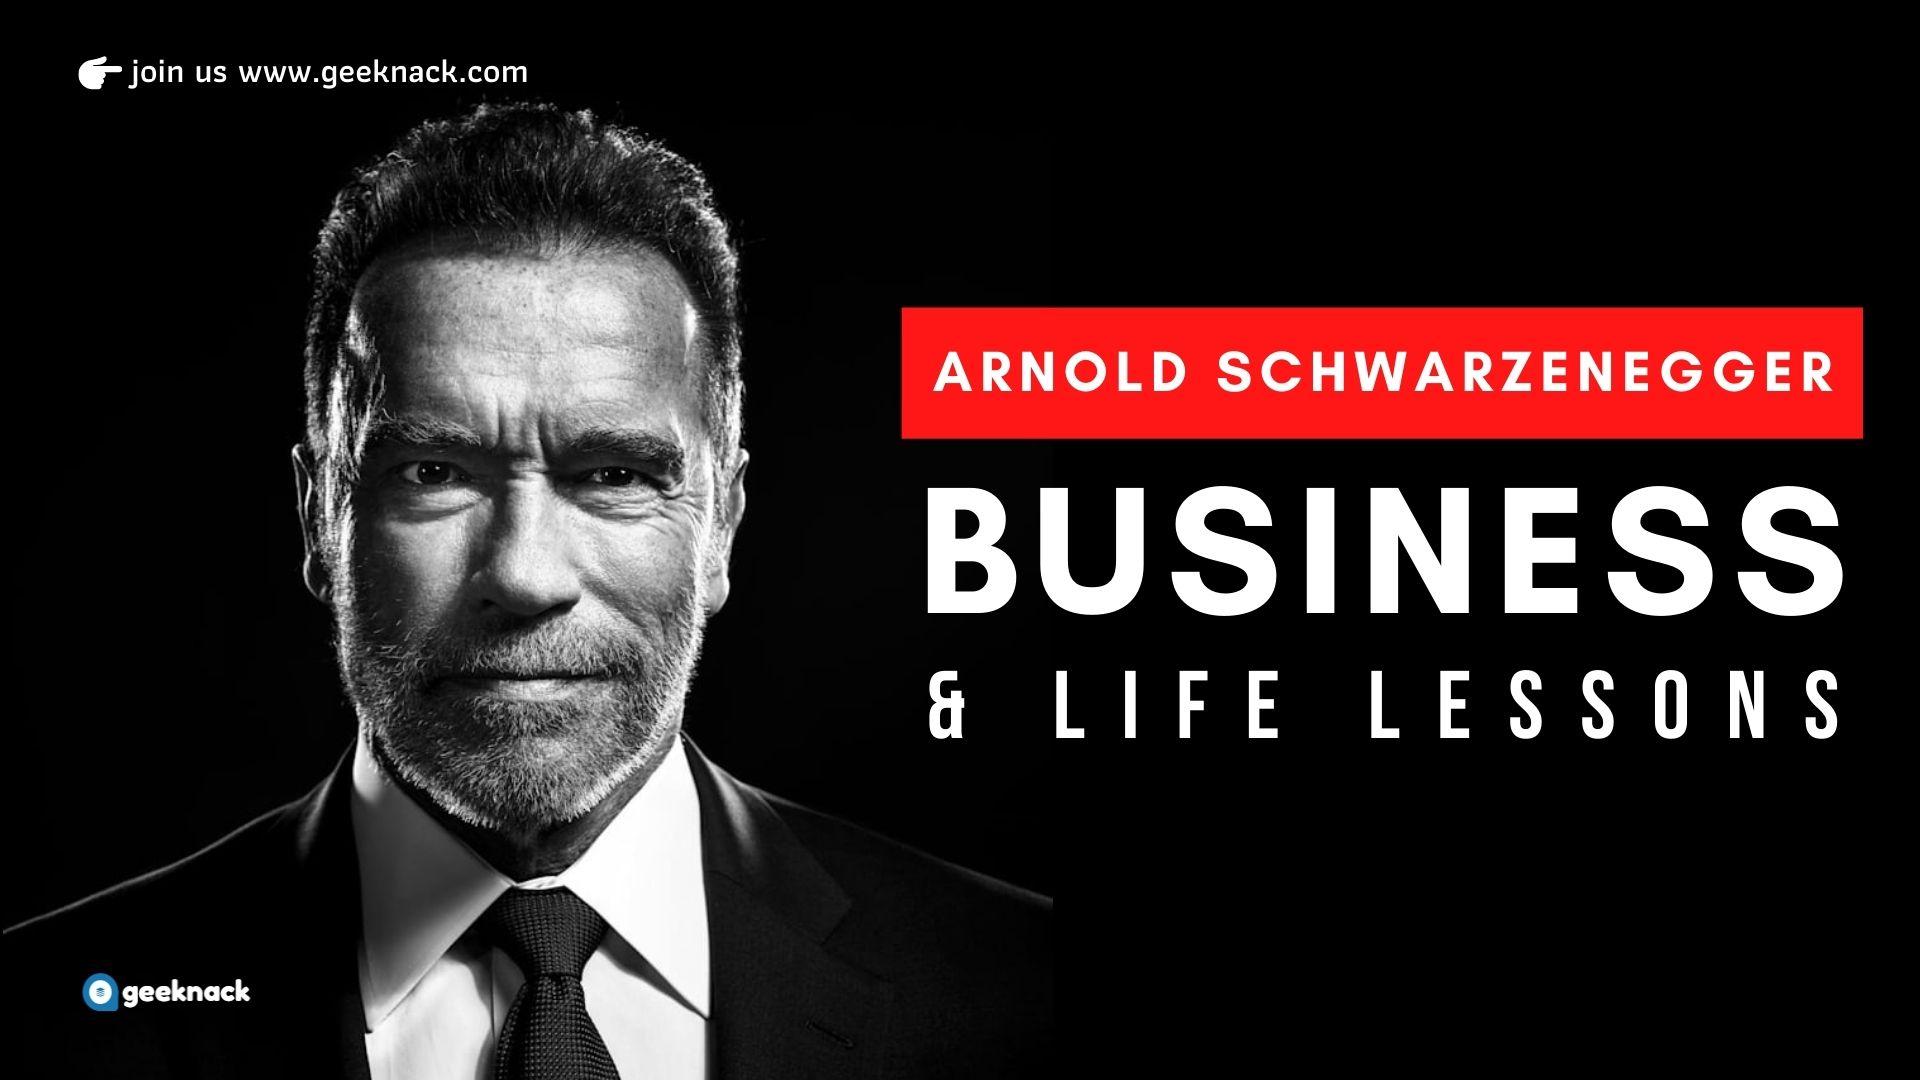 Arnold Schwarzenegger - Business & Life Lessons